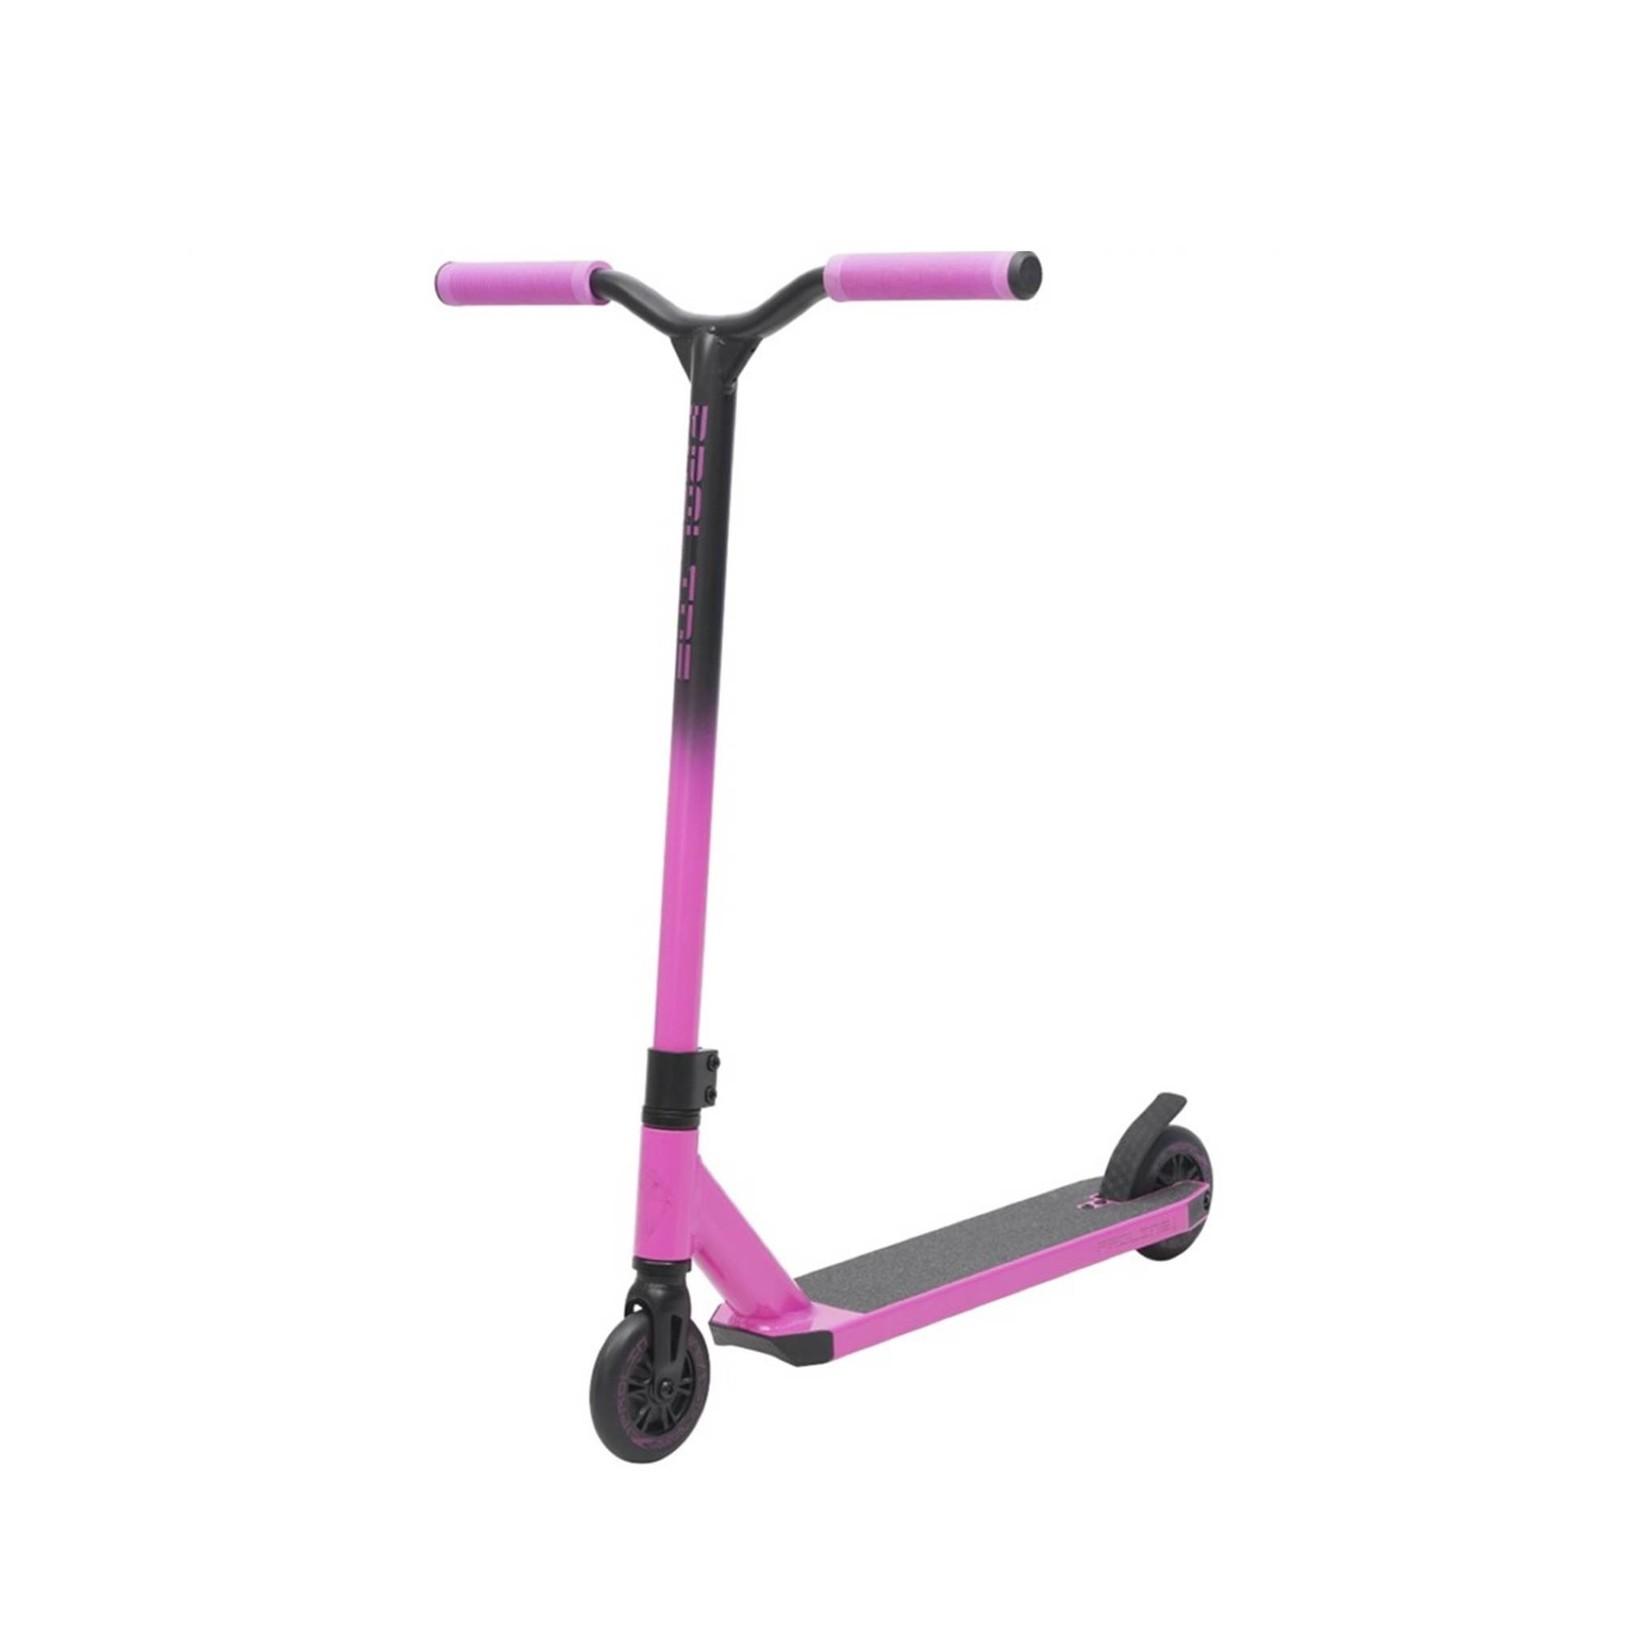 PROLINE Proline L1 Scooter Pink